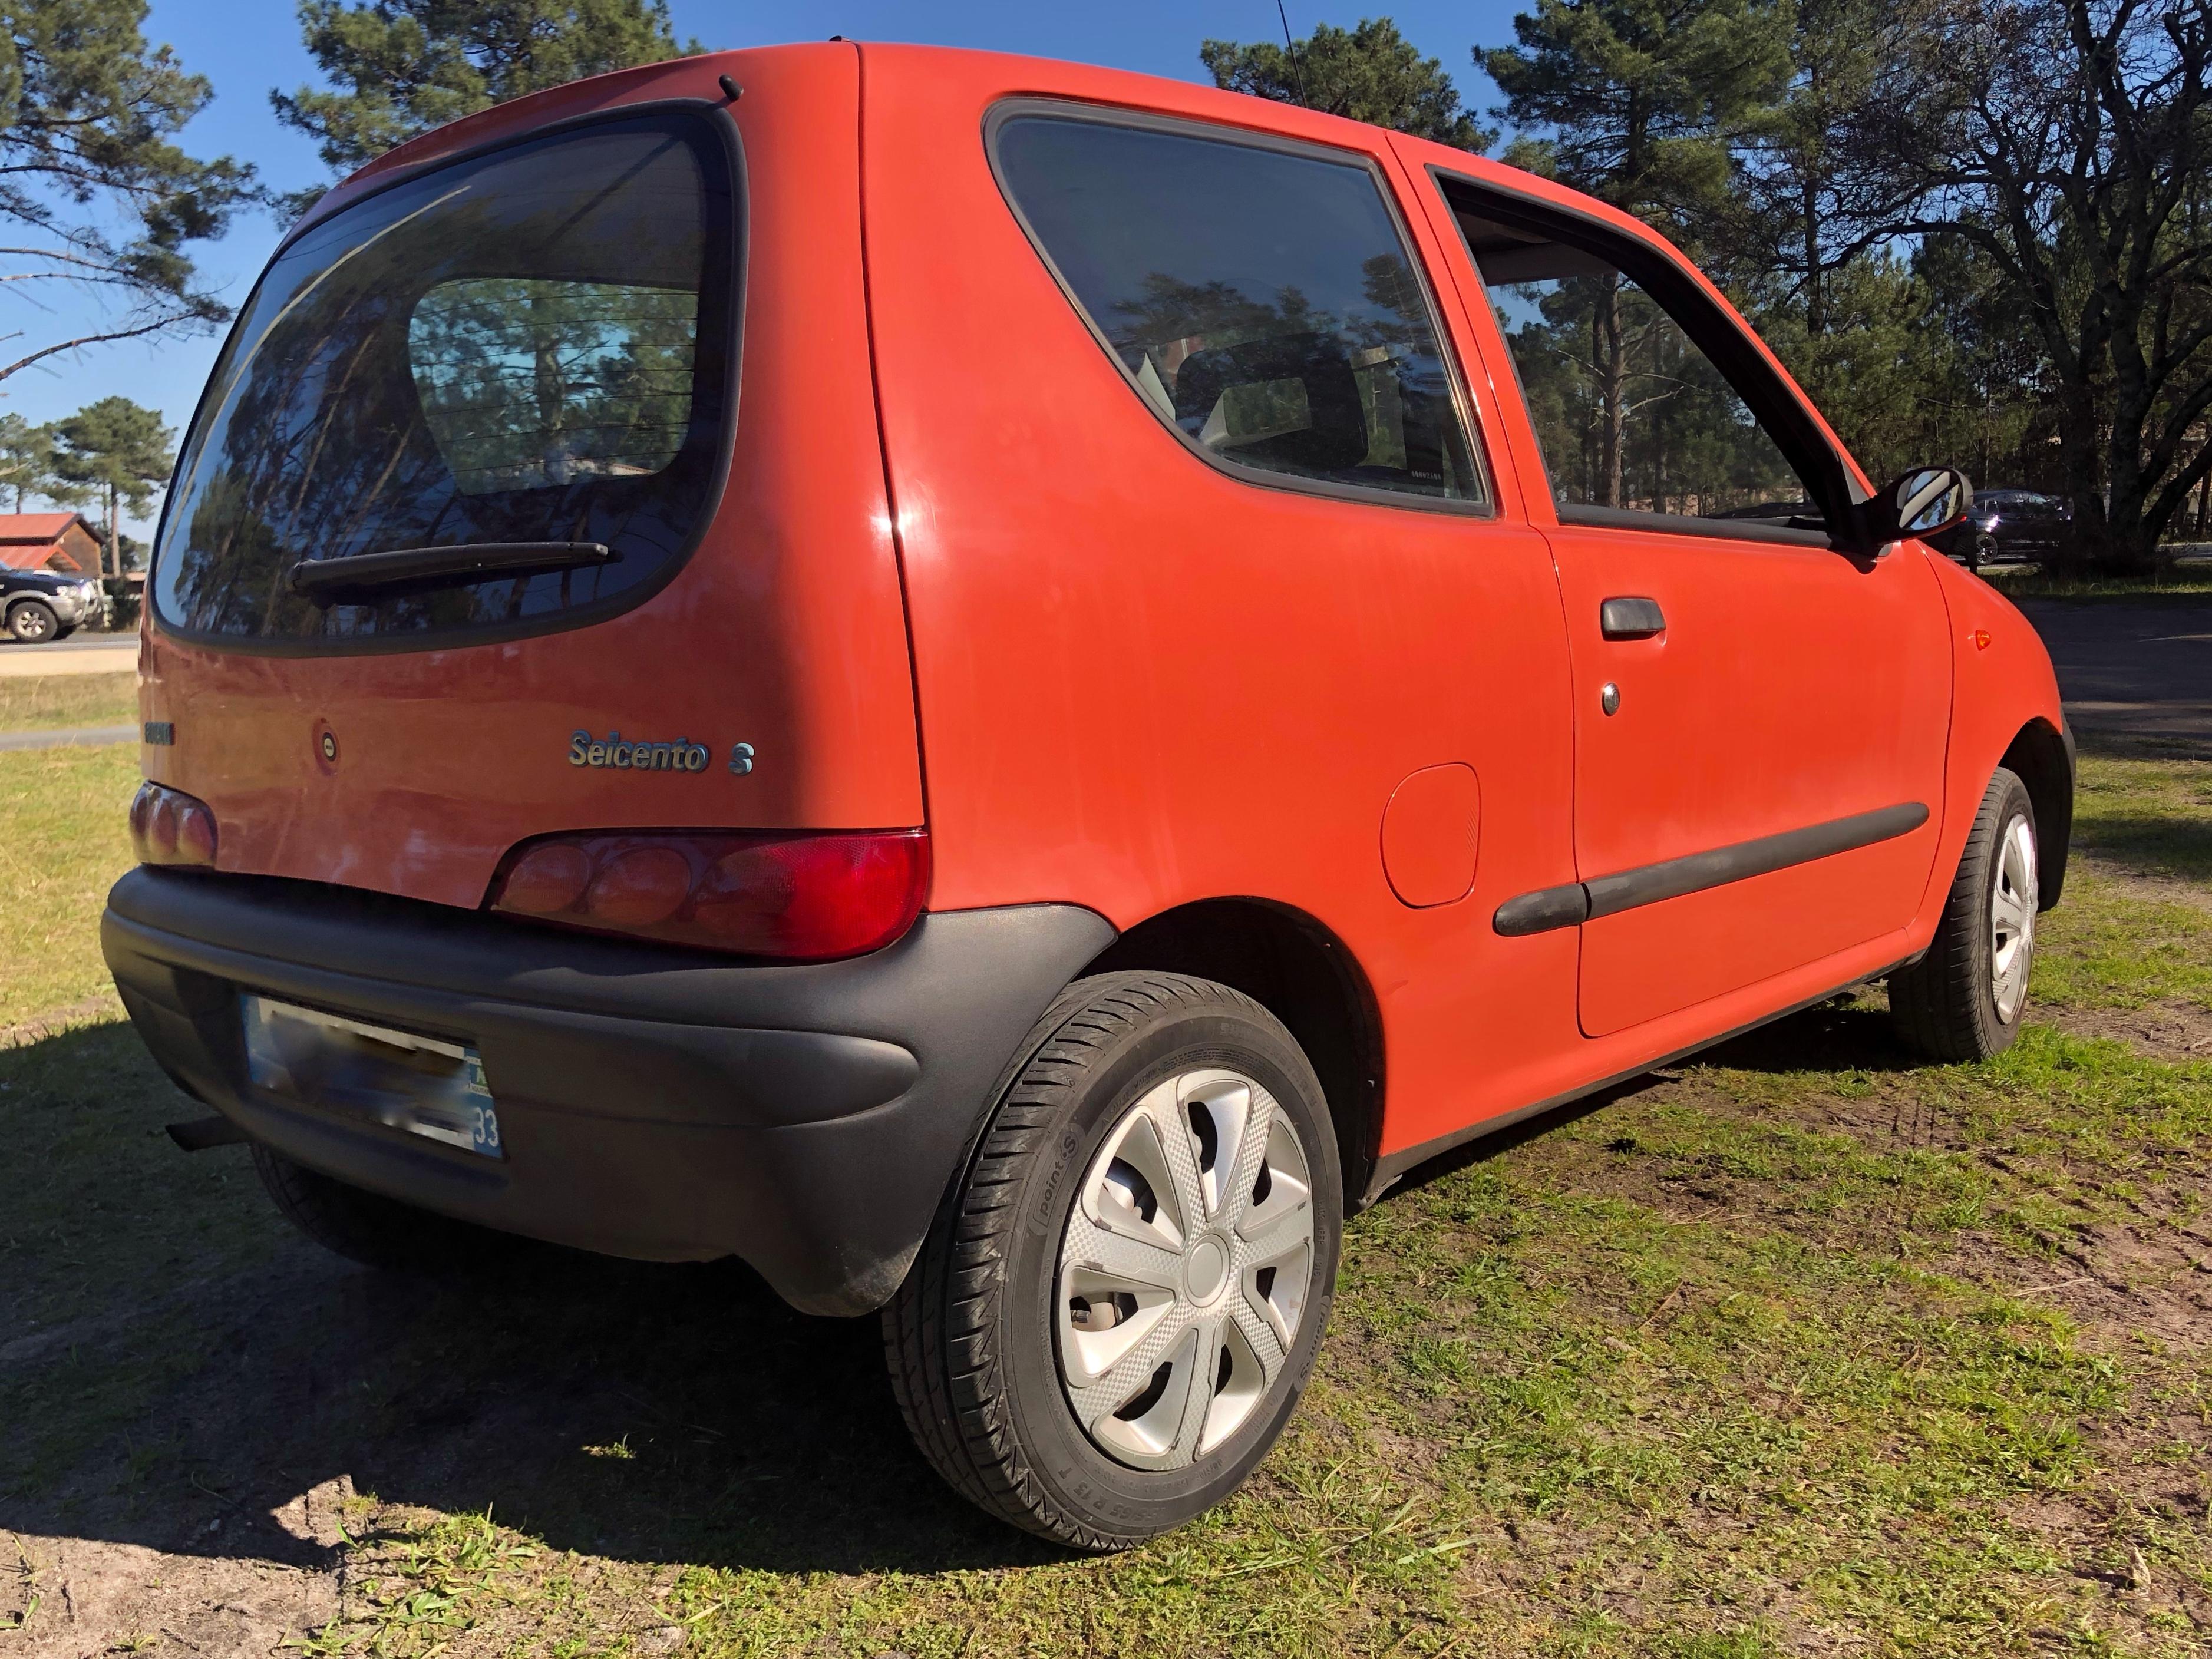 A vendre Fiat Seicento de 1998 - seconde voiture, jeune conducteur, petit budget